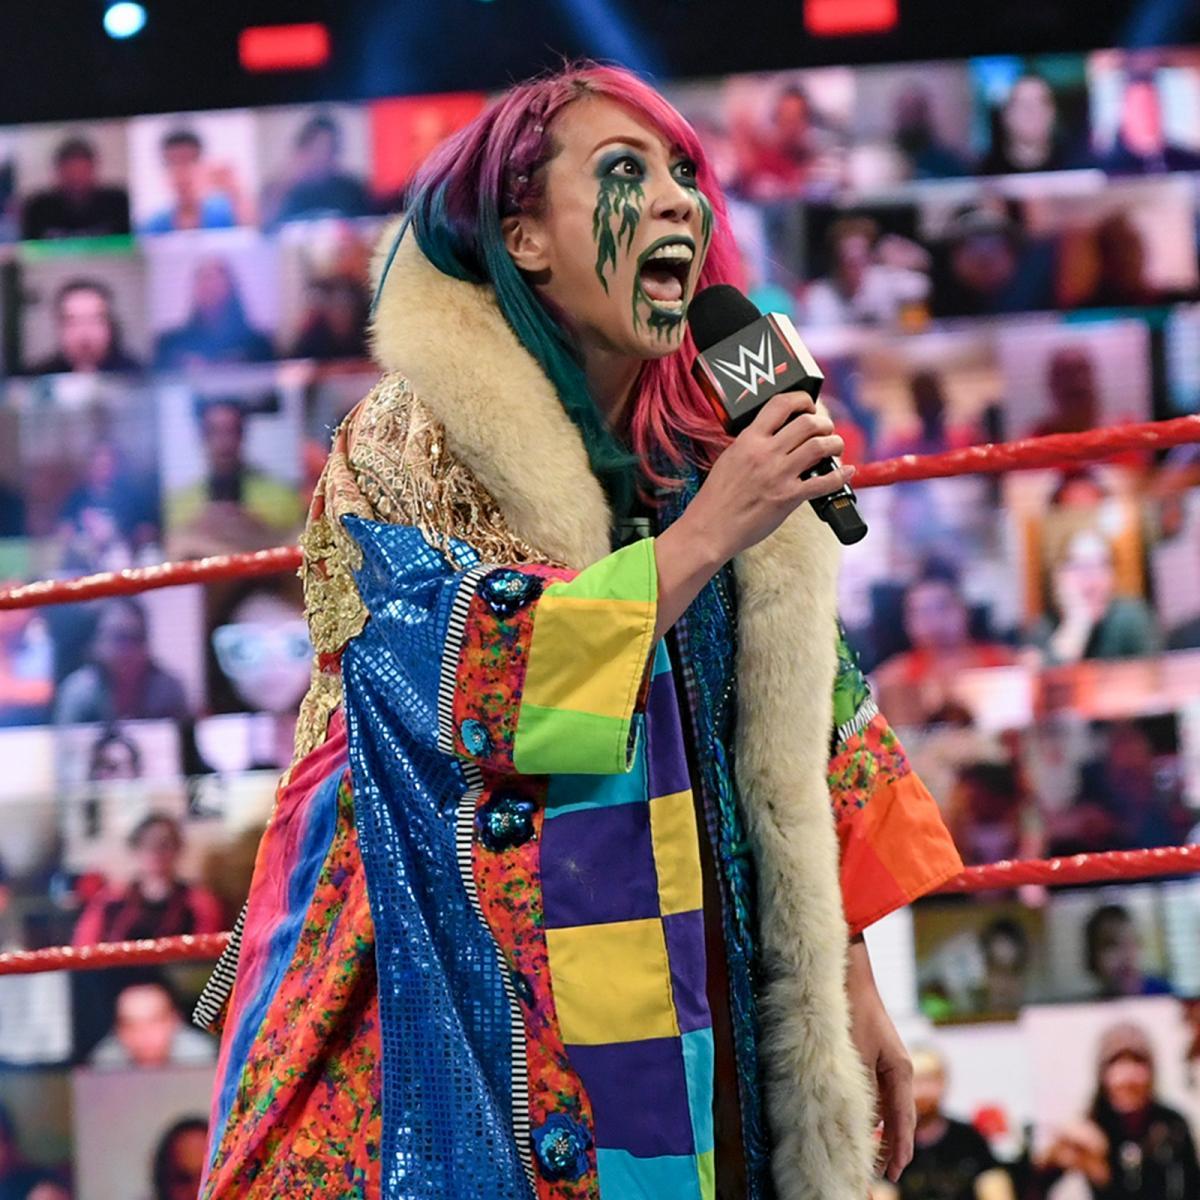 シャーロット・フレアーをののしるアスカ(C )2021 WWE, Inc. All Rights Reserved.